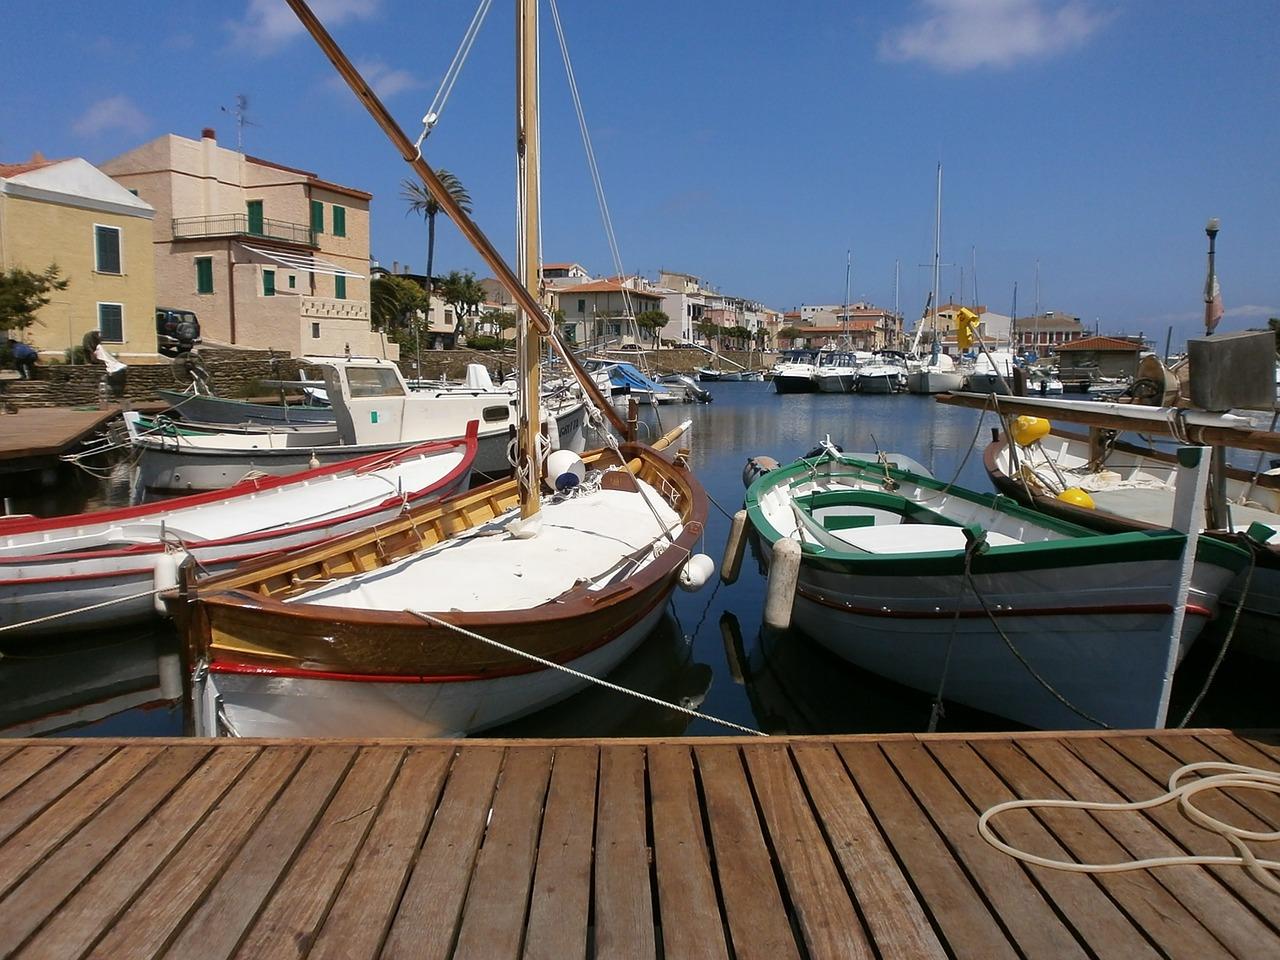 vakantie in sardinië zeilen sardinië vaarvakantie italië motorboot huren italië boot huren sardinië boot huren italië